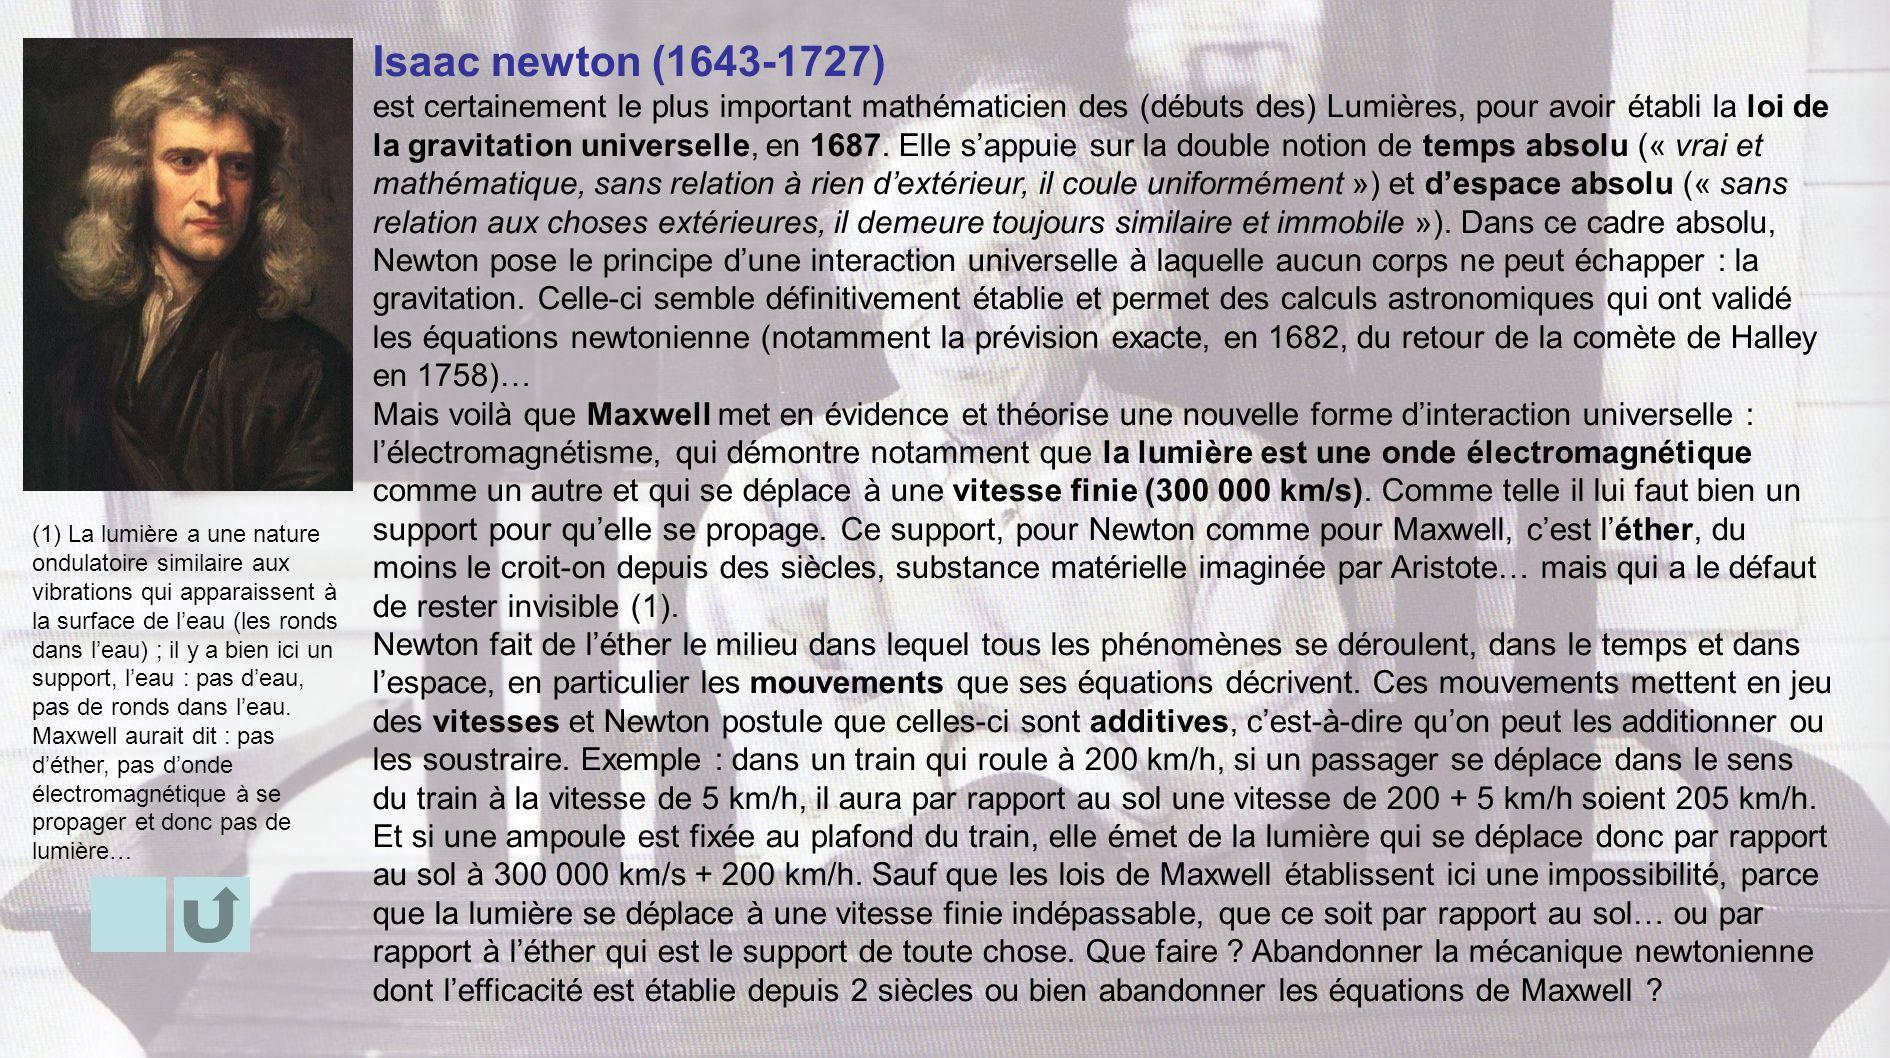 Isaac newton (1643-1727) est certainement le plus important mathématicien des (débuts des) Lumières, pour avoir établi la loi de la gravitation univer